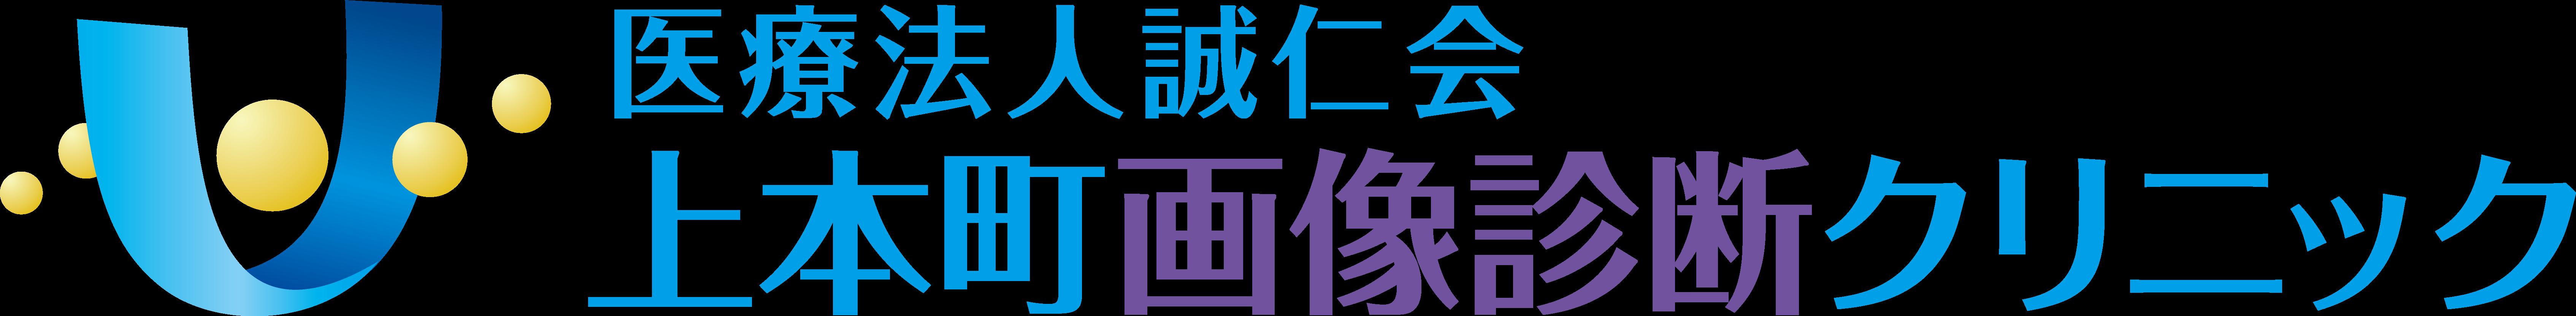 上本町画像診断クリニック